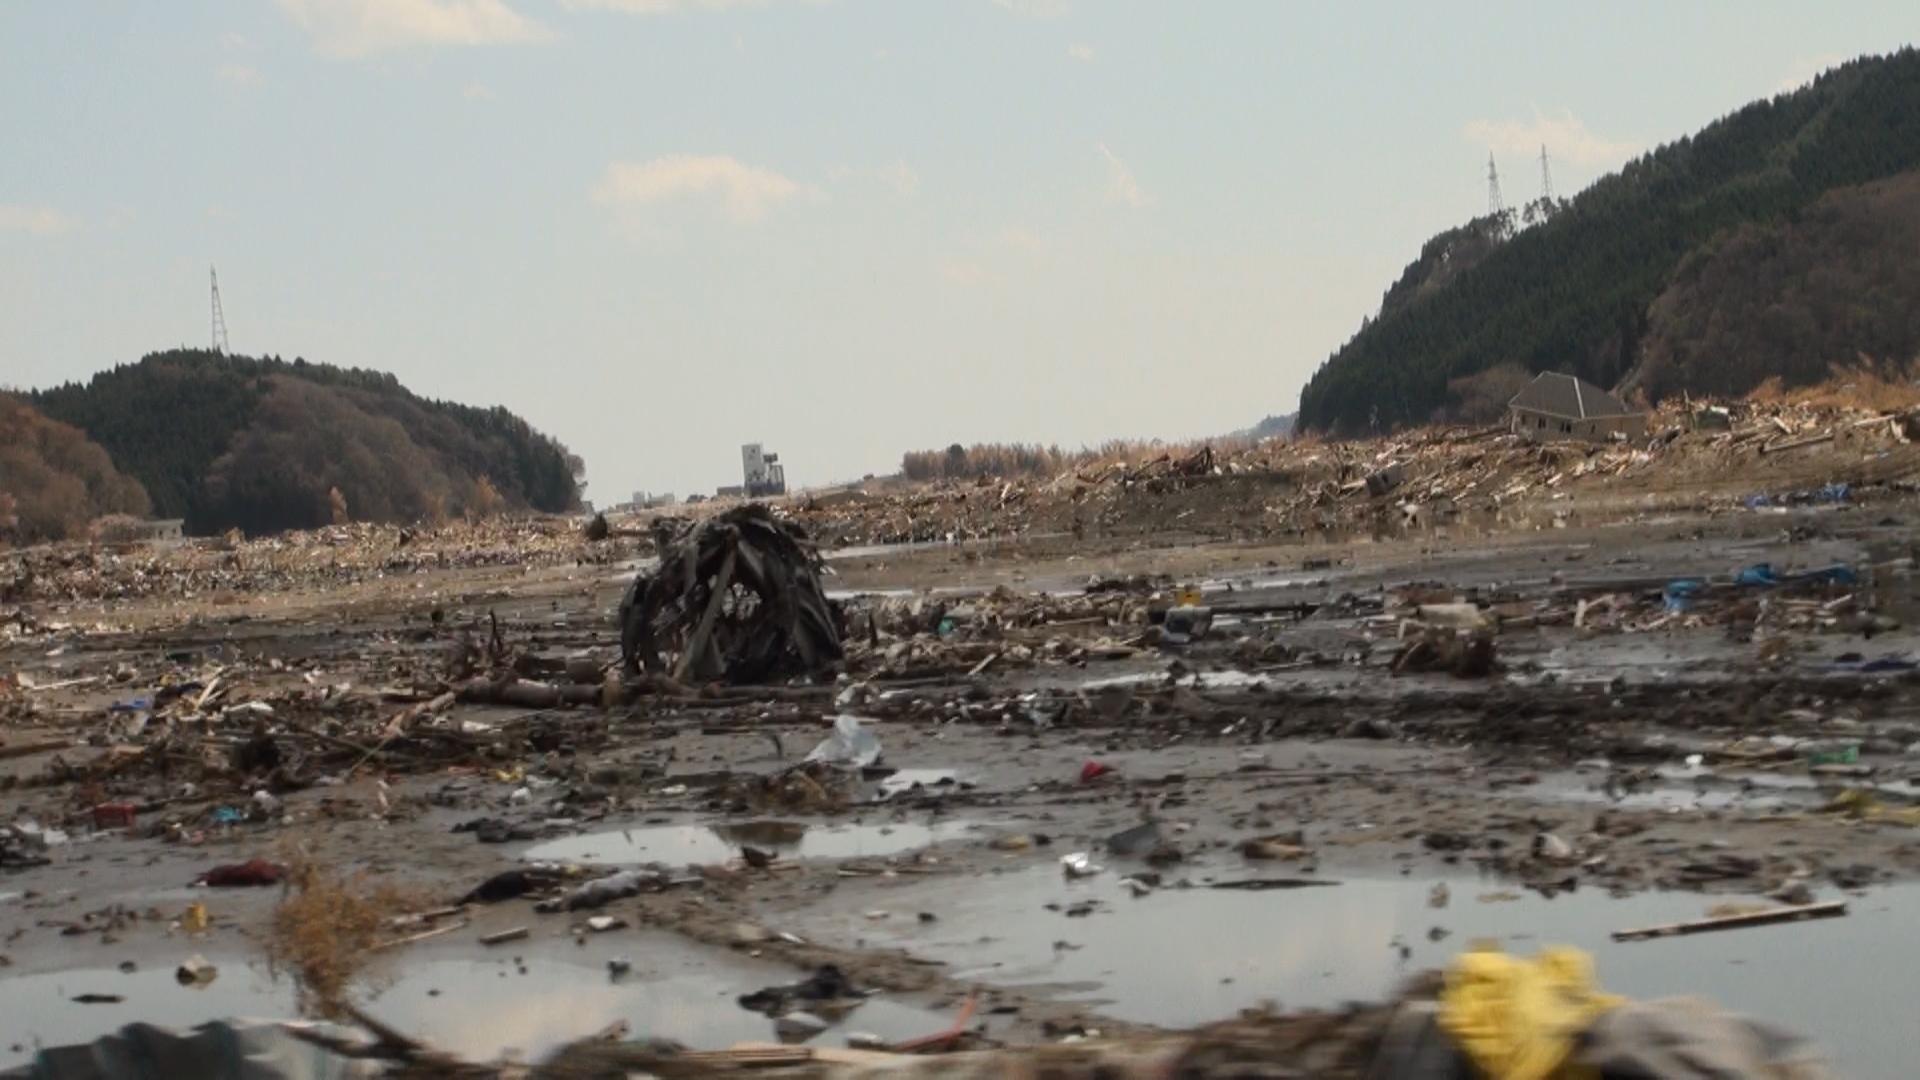 竹駒町。 生まれ育った町。 海の方向を見る。海は遥か遠く と思っていた・・・。